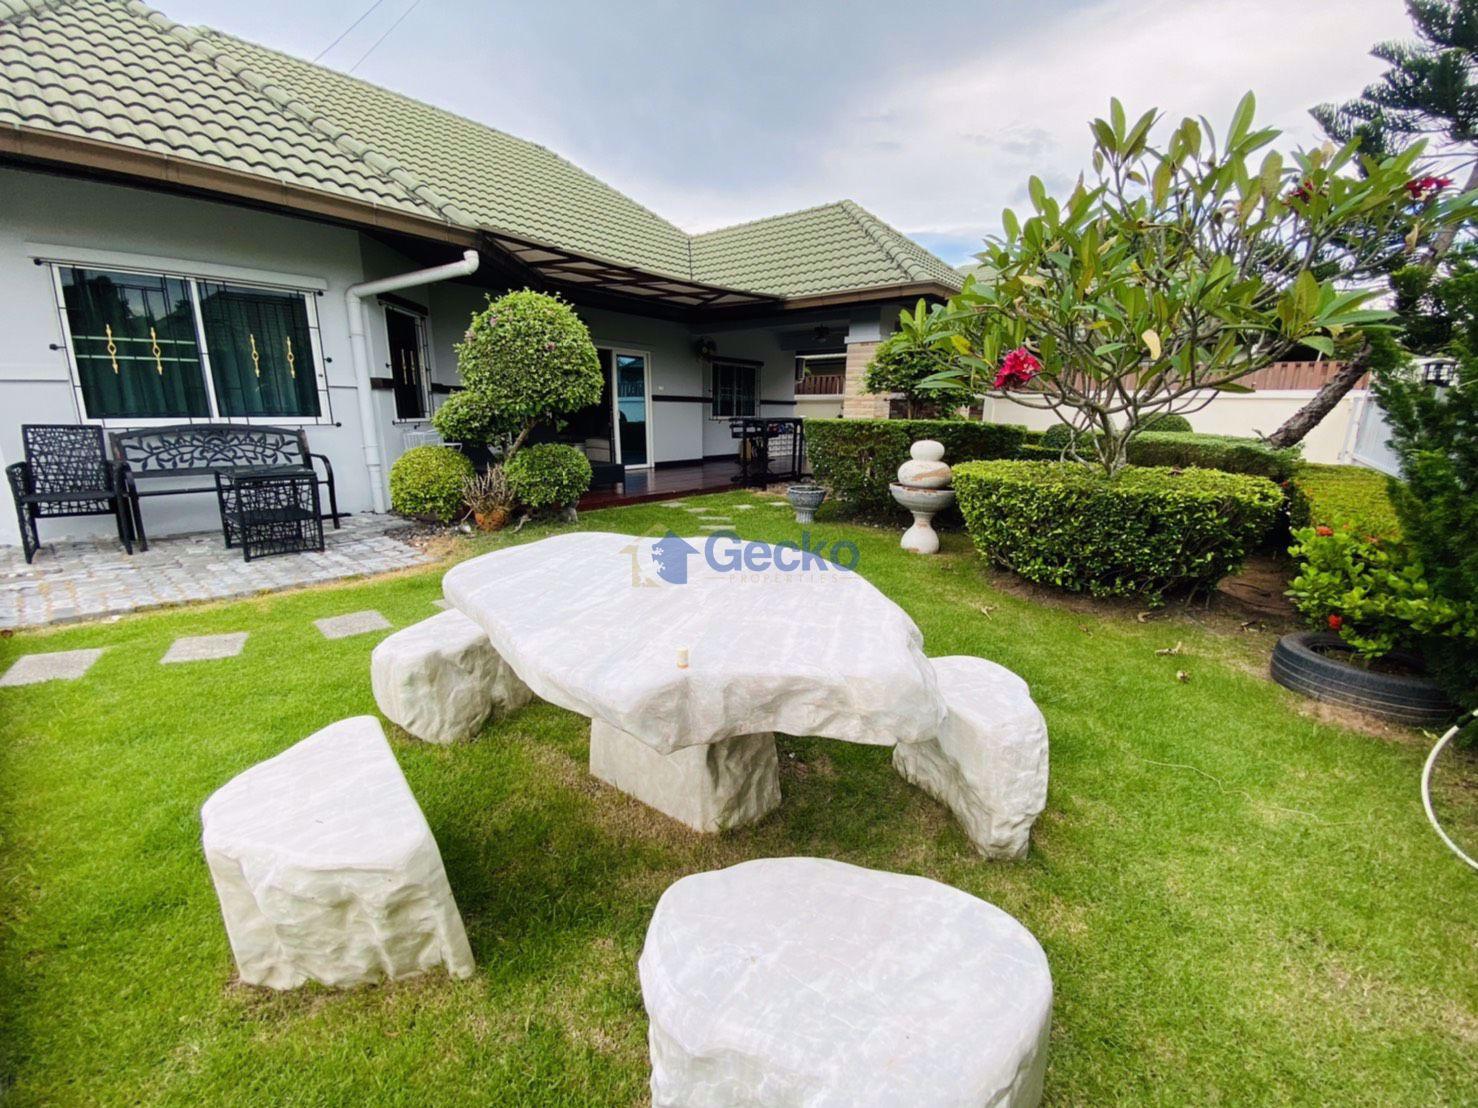 รูปภาพ 3 Bedrooms bed in House in Green Field Villa 3 in East Pattaya H009256